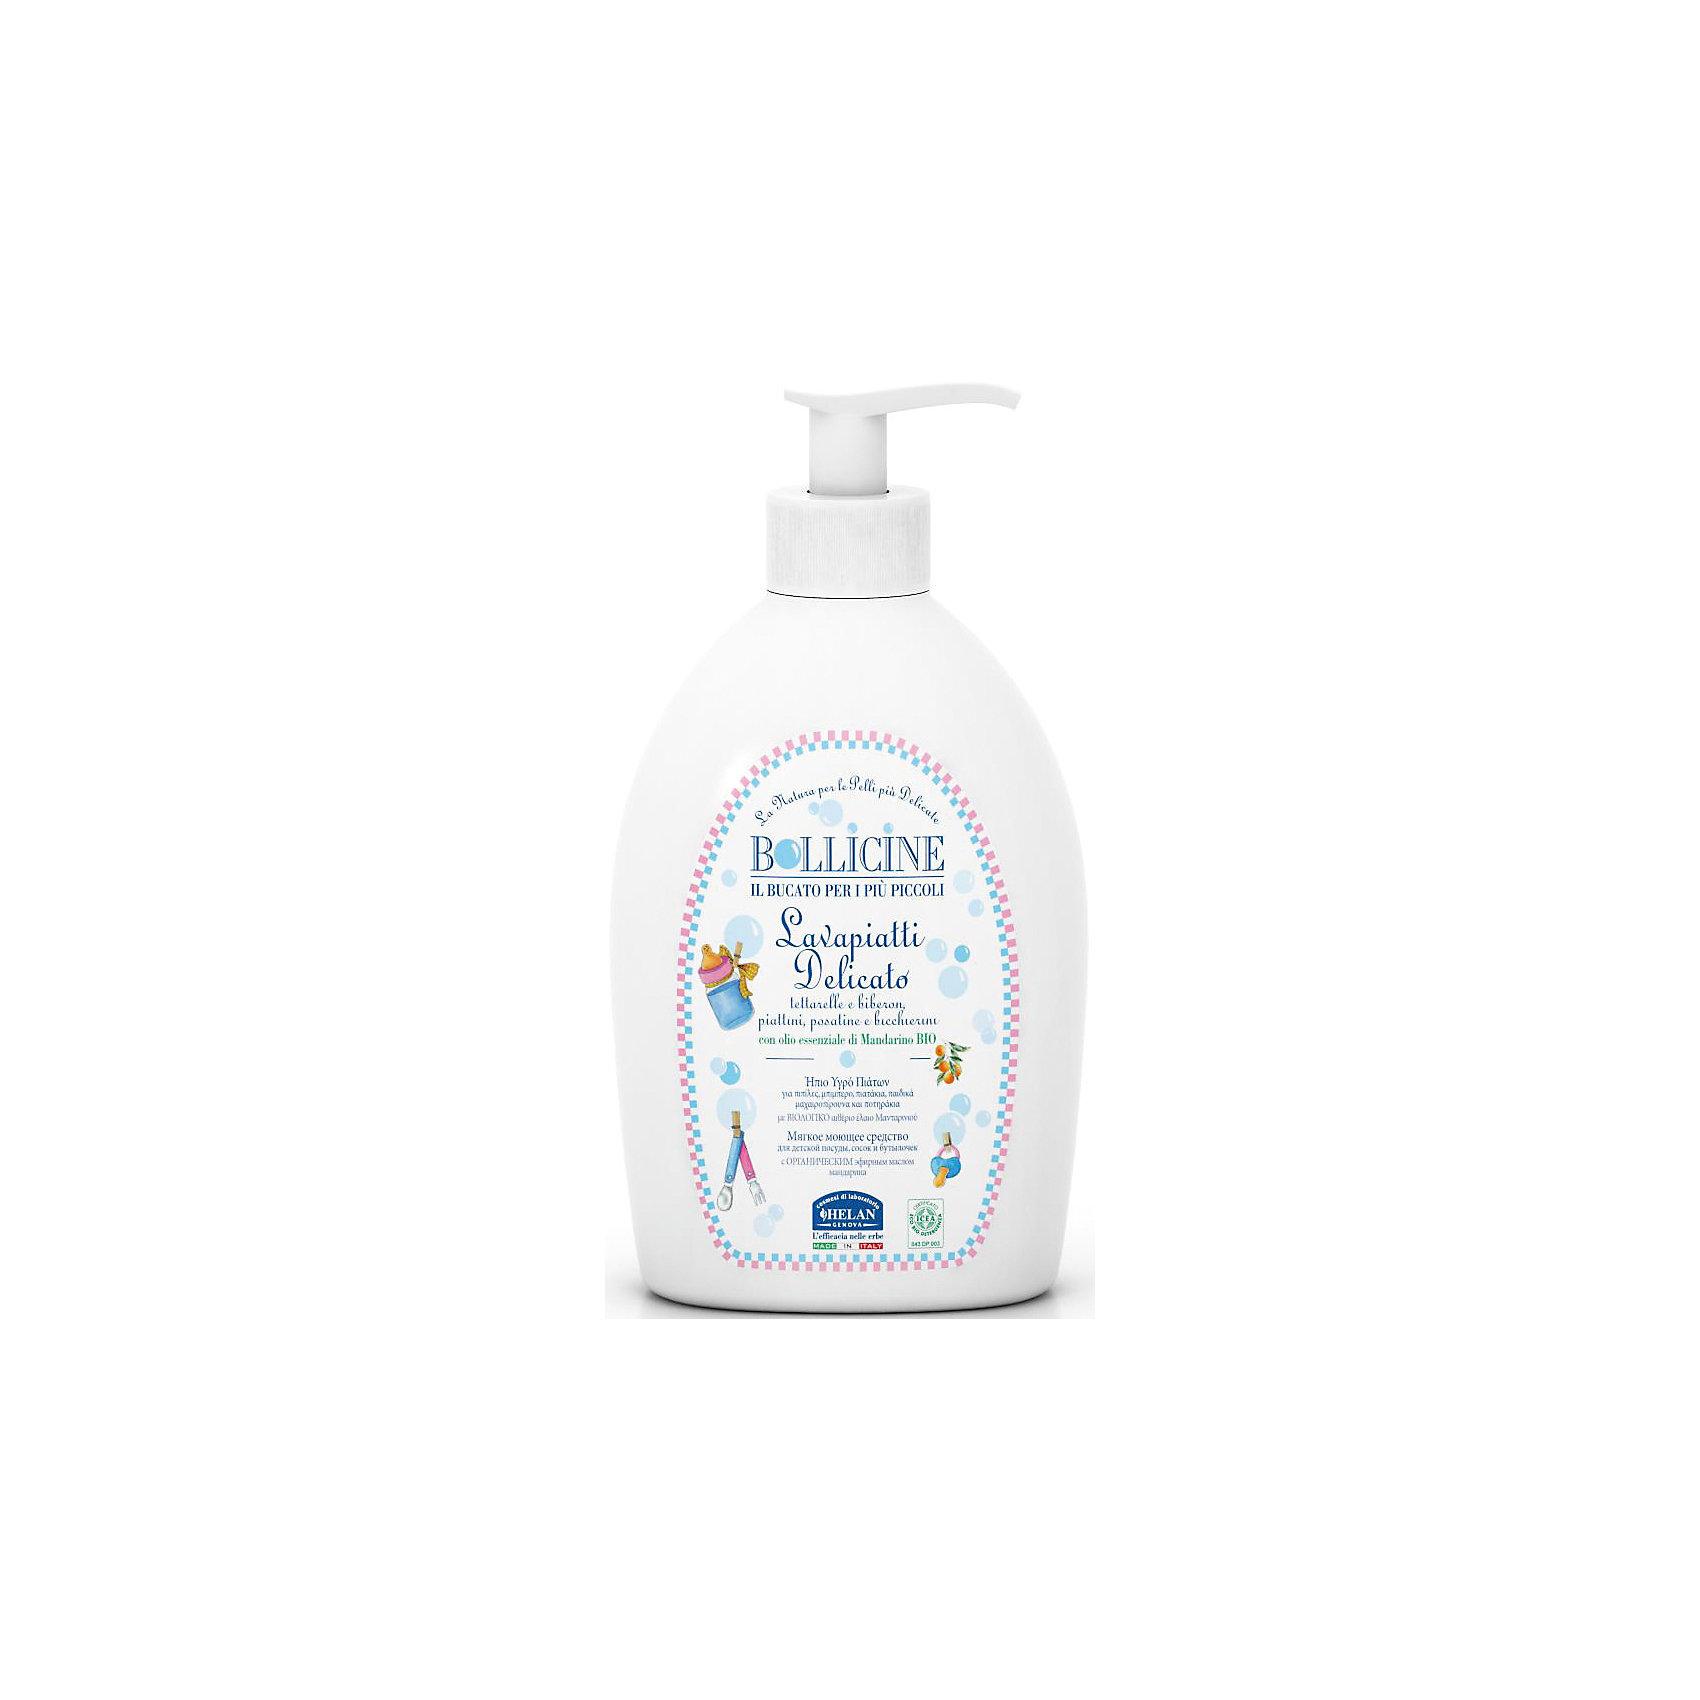 Средство натуральное для мытья детской посуды Bollicine, 500 мл., HELANСредство натуральное для мытья детской посуды Bollicine, 500 мл., HELAN (Хелан)<br><br>Характеристики:<br><br>• подходит для детской посуды, сосок, пустышек и бутылочек<br>• компоненты растительного происхождения<br>• активные компоненты: экстракт масла мандарина<br>• соответствует стандартам международной ассоциации ICEA ECO BIO CLEANERS<br>• объем: 500 мл<br>• размер упаковки: 19х6х10 см<br>• вес: 572 грамма<br><br>Для мытья детской посуды важно выбрать подходящее средство. Продукт из серии Bollicine содержит компоненты растительного происхождения. Они полностью безопасны для малыша и не вызывают  неприятных последствий. Средство можно использовать для посуды, сосок, бутылочек и пустышек крохи. Содержит экстракт масла мандарина.<br><br>Средство натуральное для мытья детской посуды Bollicine, 500 мл., HELAN (Хелан) можно купить в нашем интернет-магазине.<br><br>Ширина мм: 100<br>Глубина мм: 60<br>Высота мм: 190<br>Вес г: 572<br>Возраст от месяцев: -2147483648<br>Возраст до месяцев: 2147483647<br>Пол: Унисекс<br>Возраст: Детский<br>SKU: 5401710